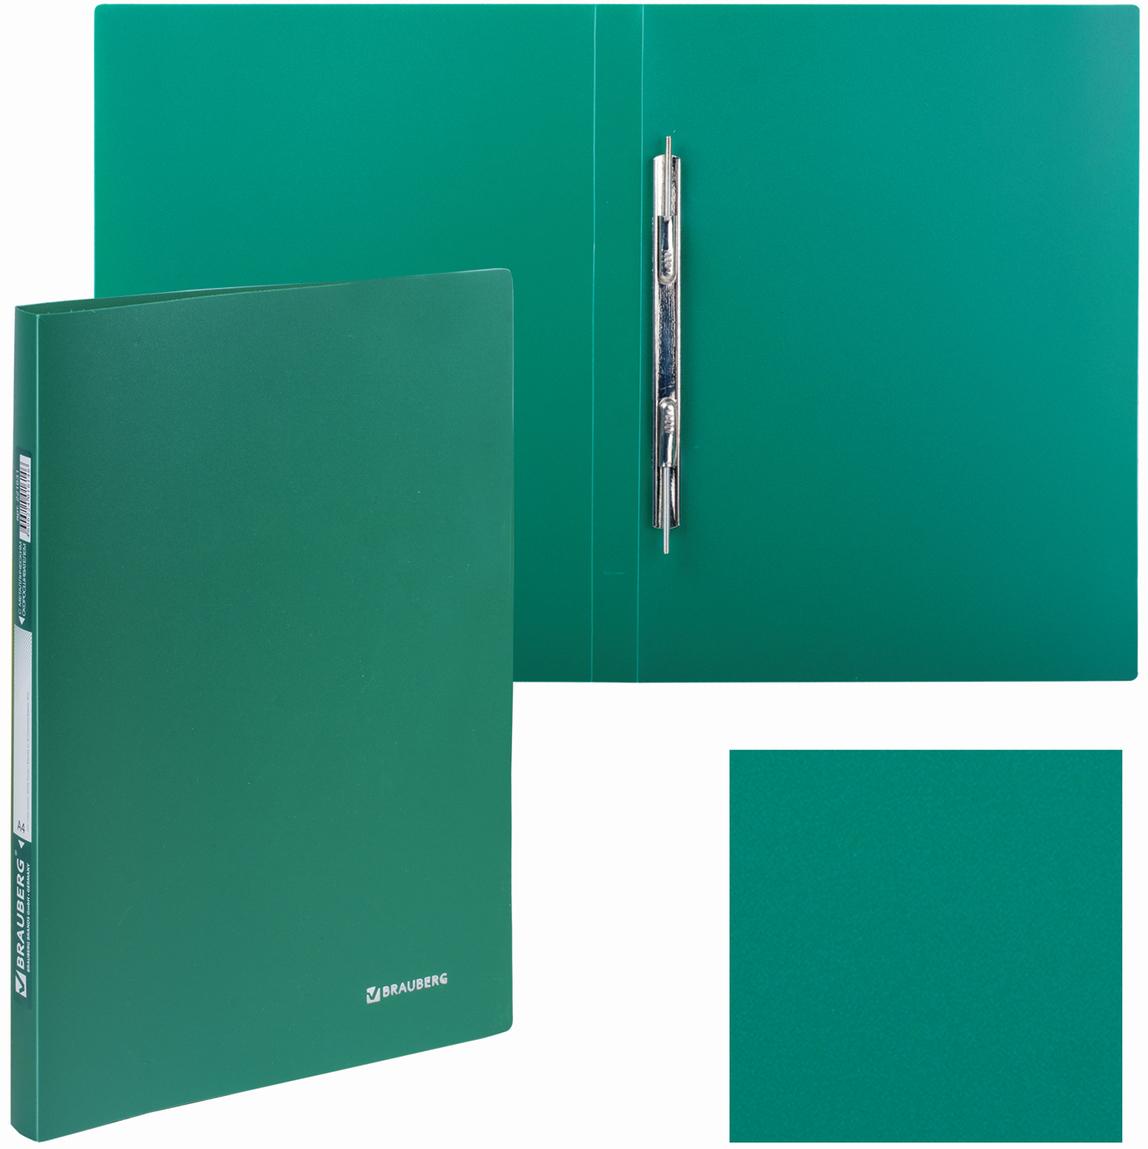 Brauberg Папка Стандарт цвет зеленый 221631